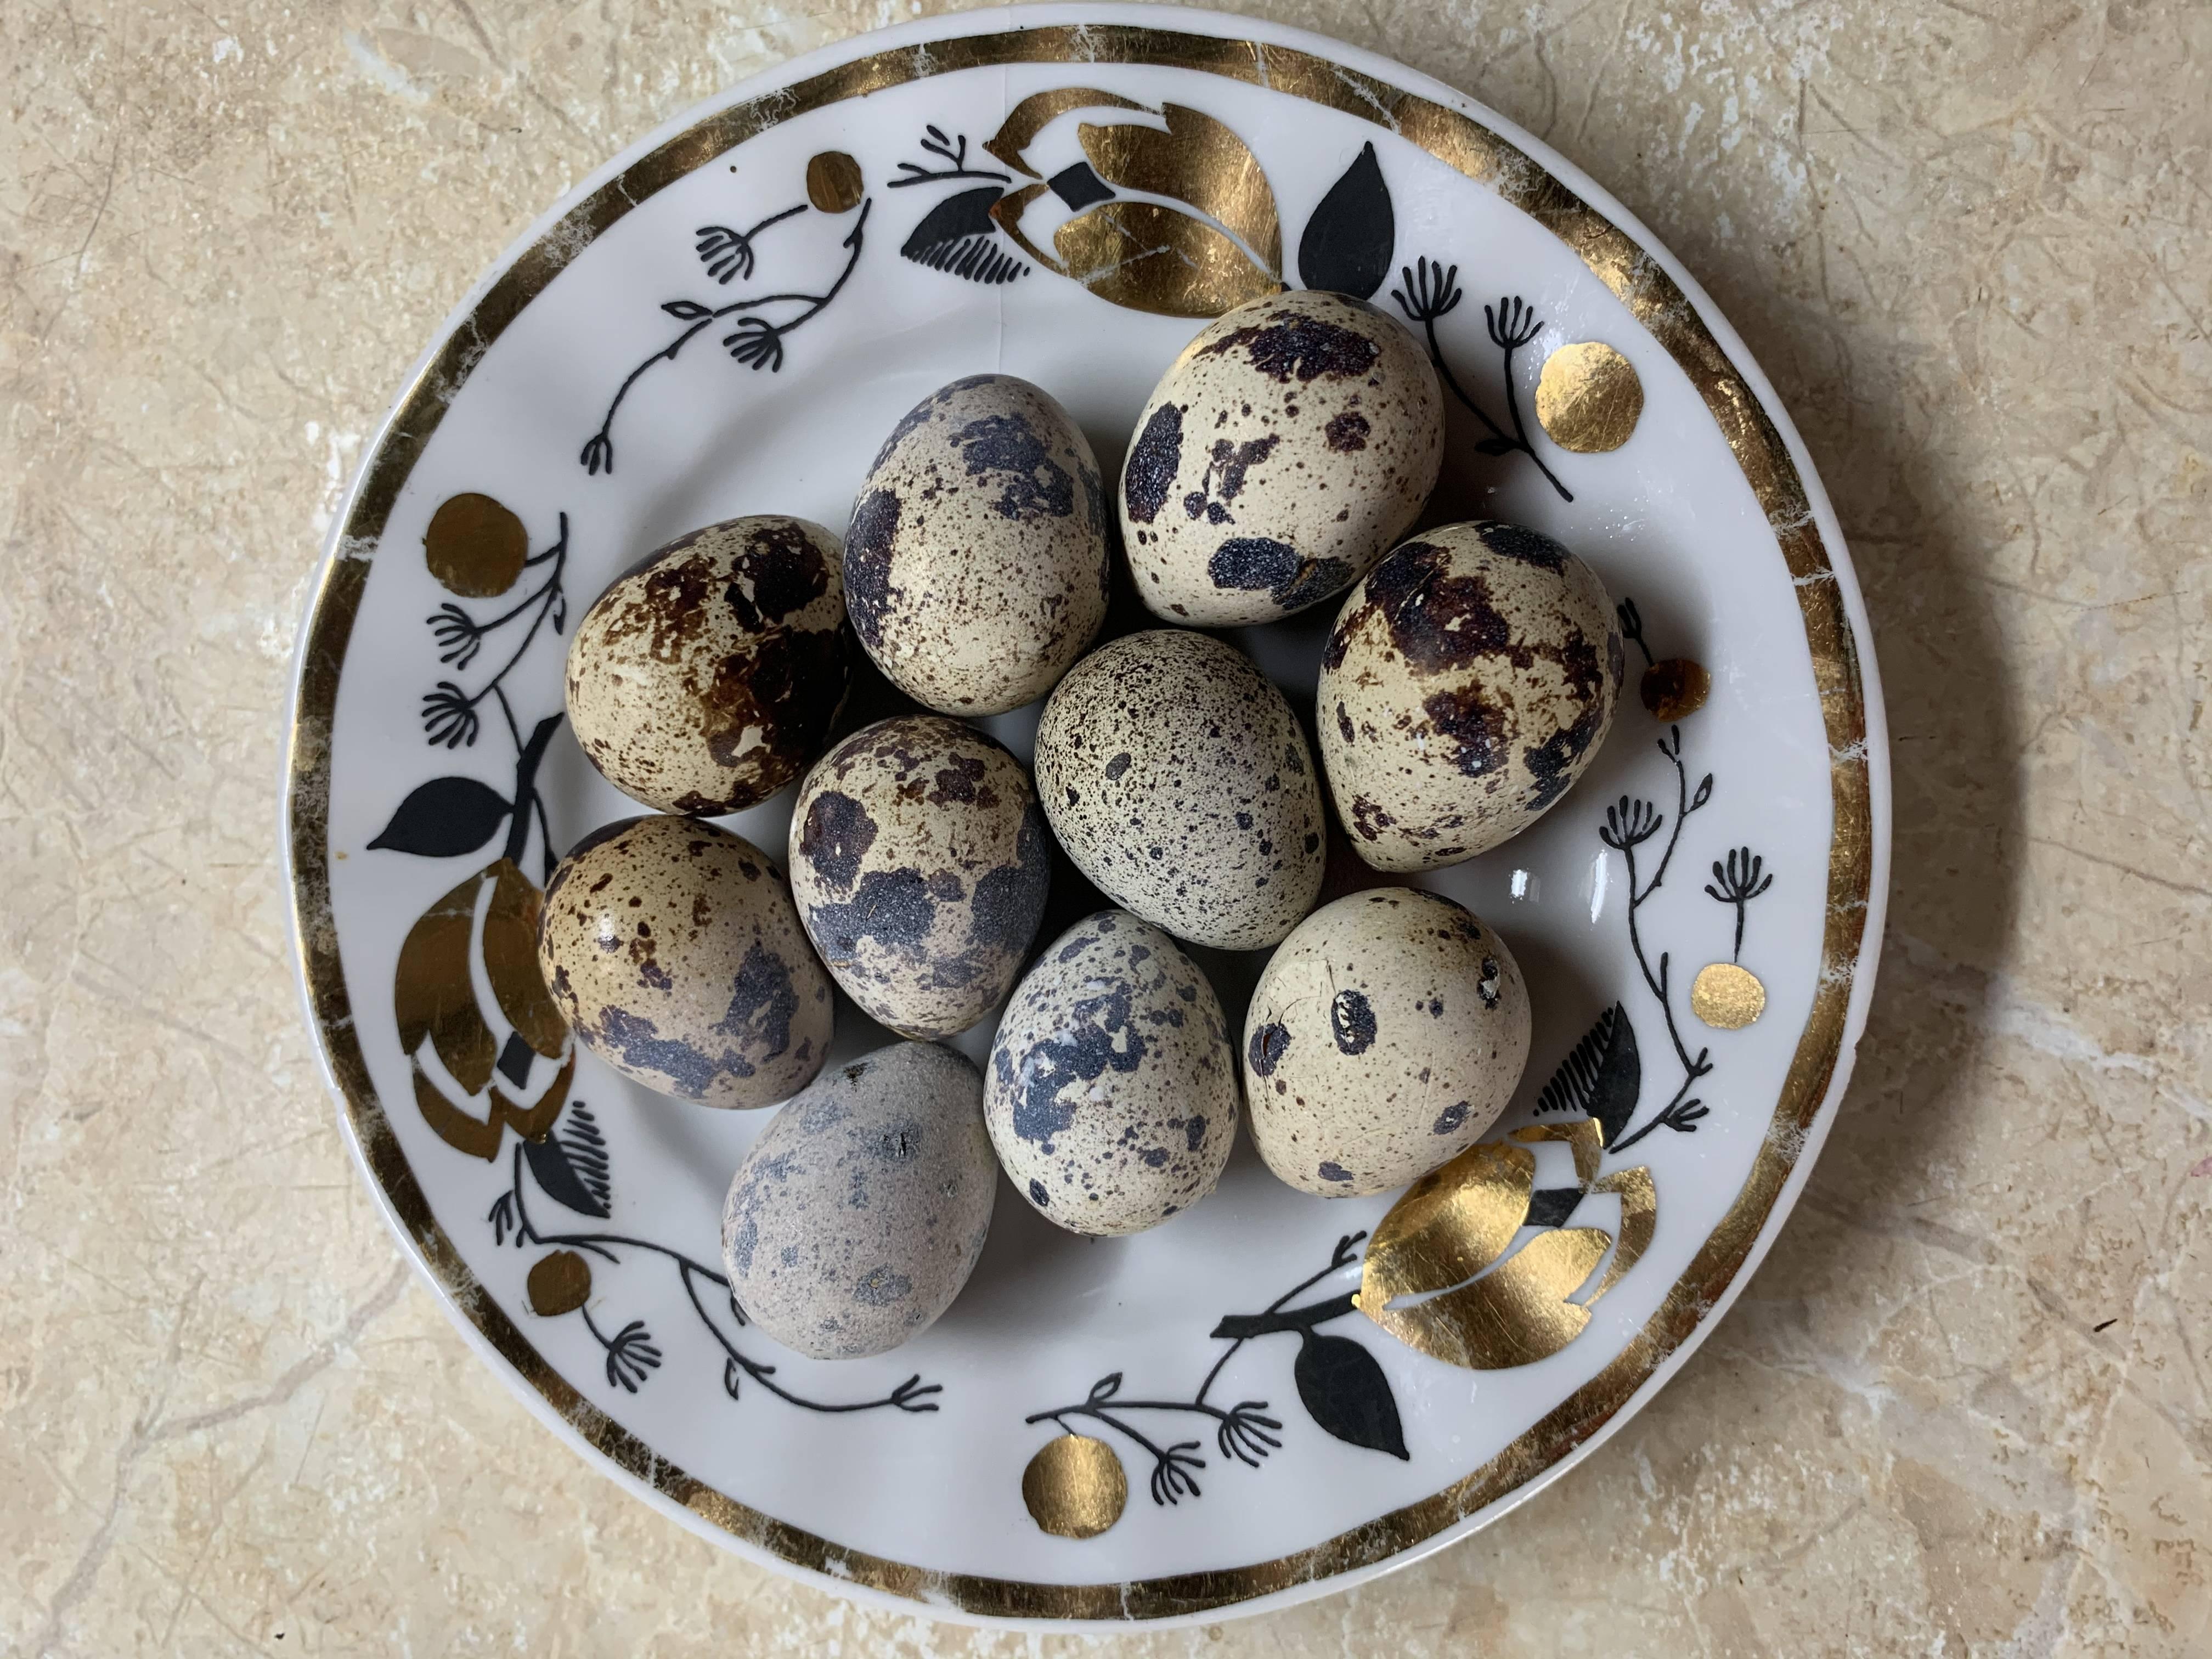 Перепелиные яйца при грудном вскармливании: можно ли их кушать маме при гв, с какого возраста дают ребенку, а также вред и польза продукта